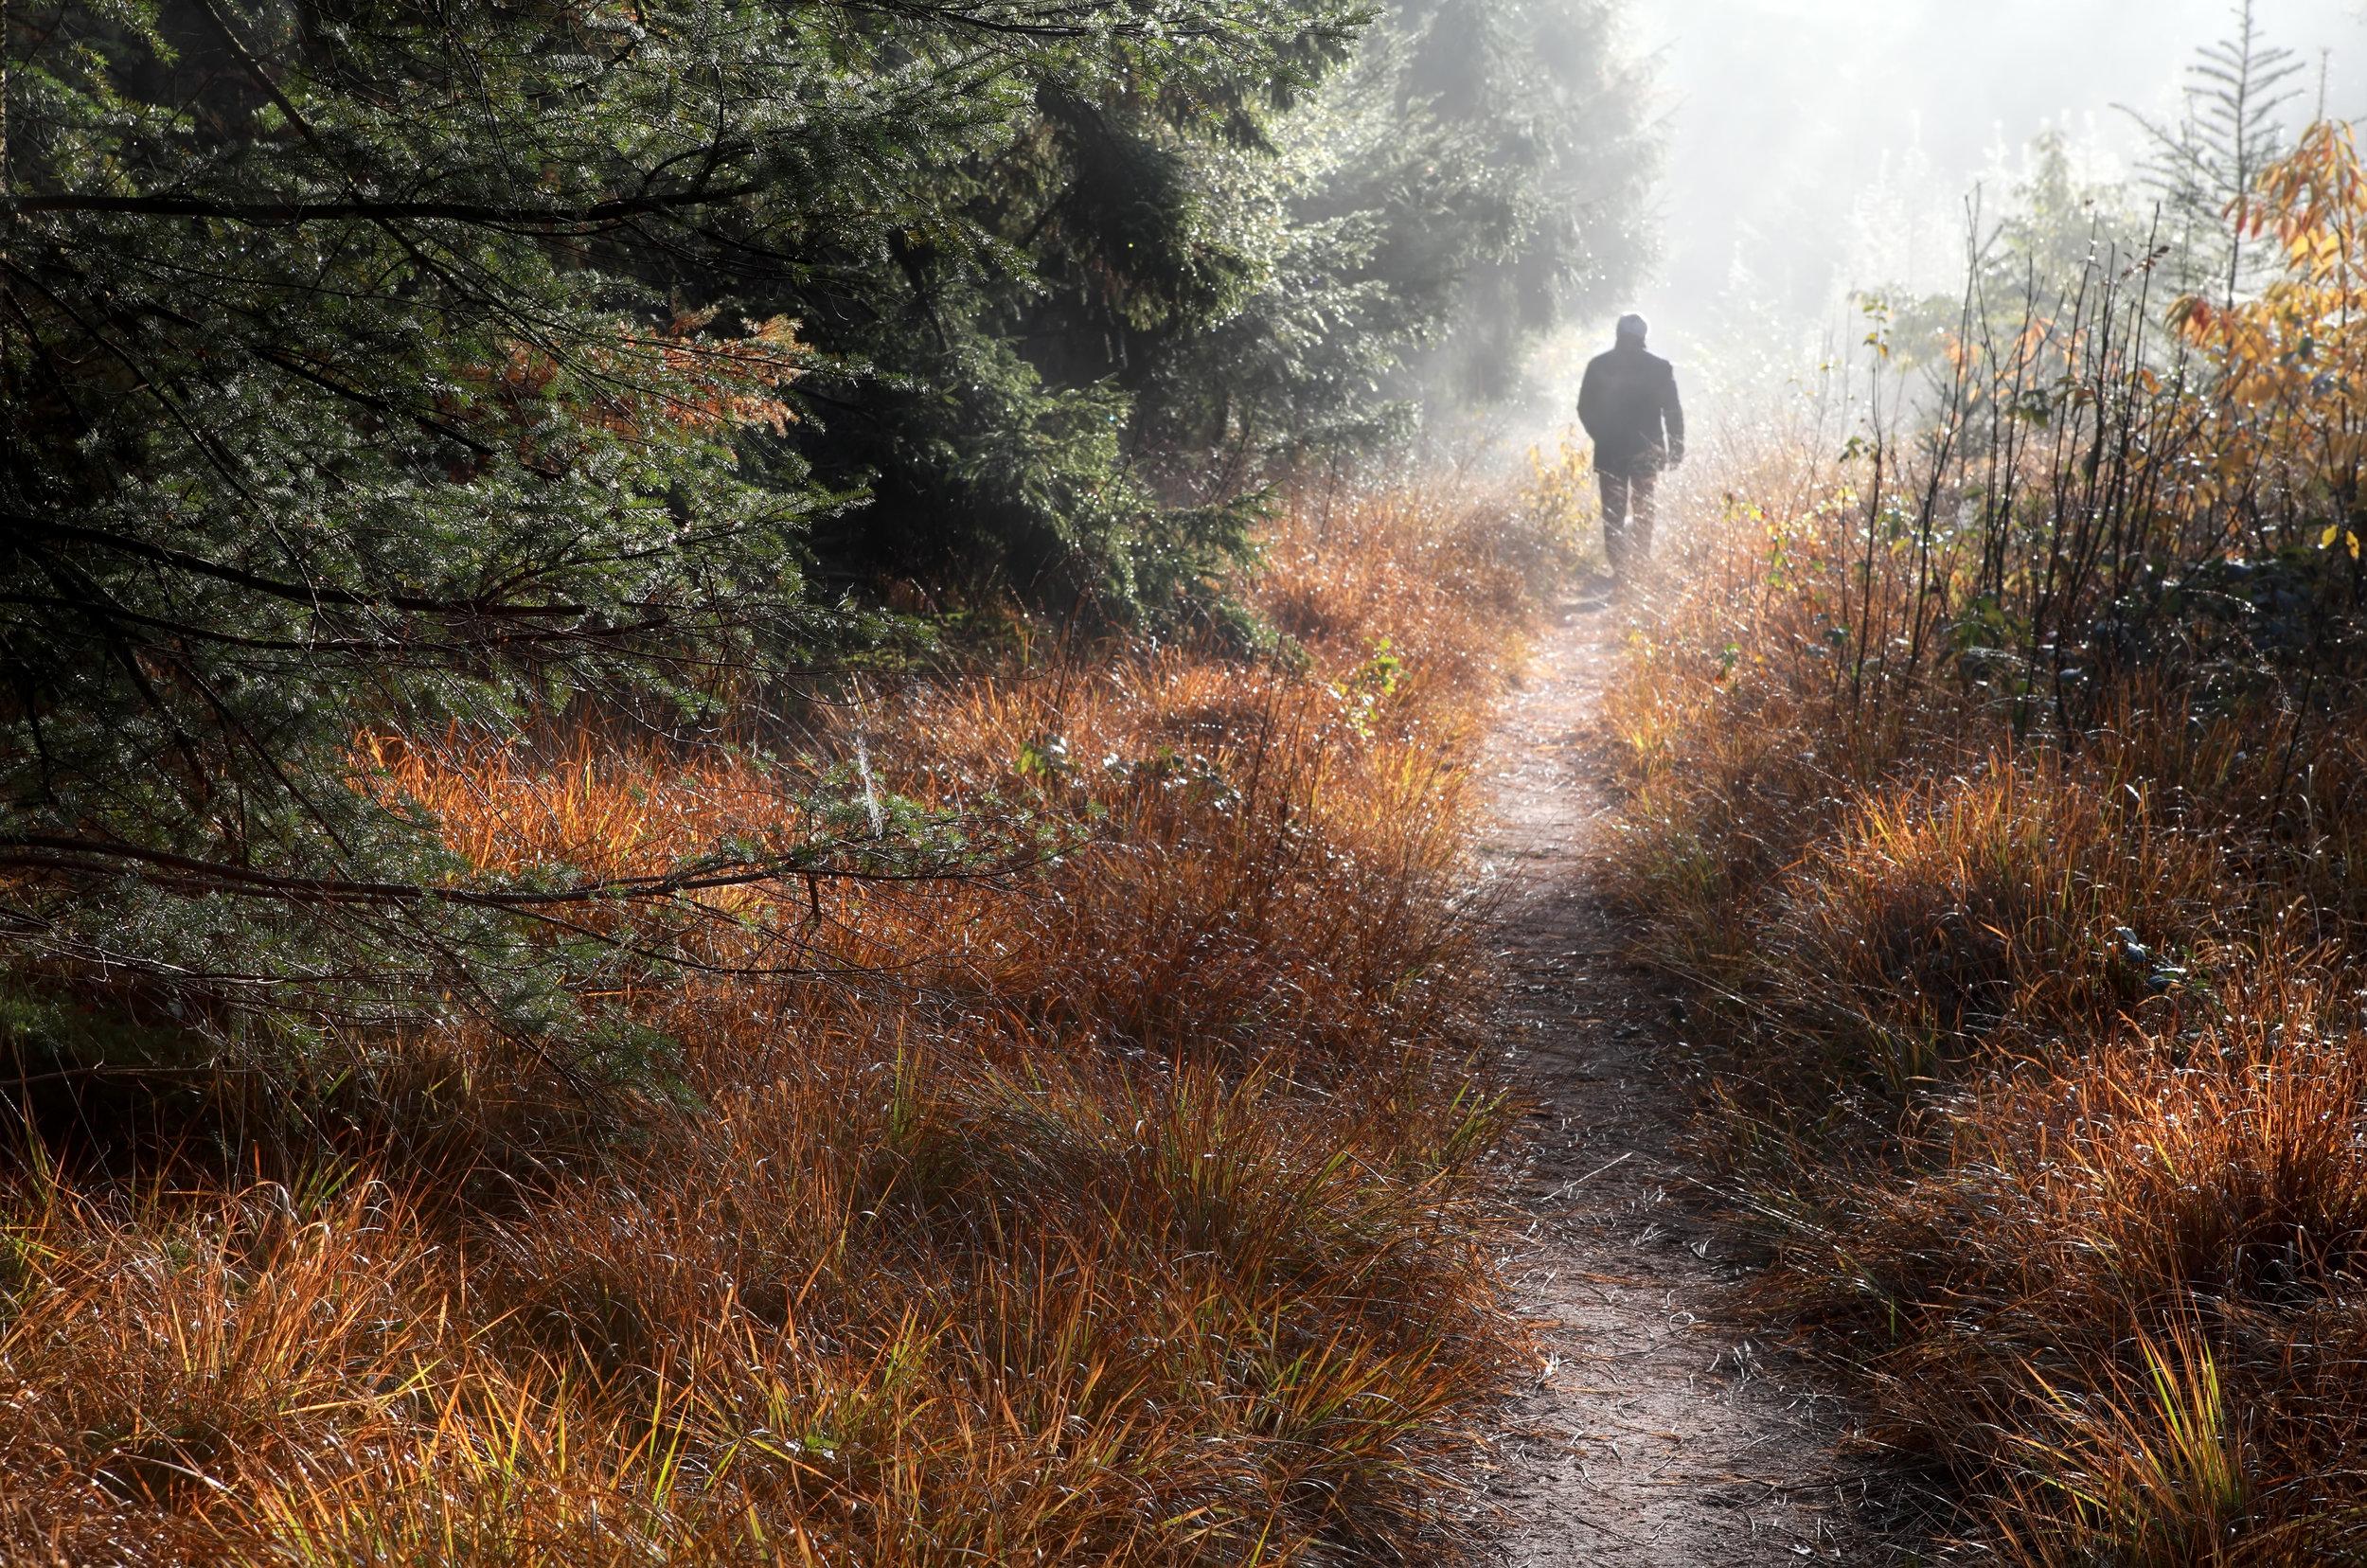 man-walks-on-forest-path-in-fog-P4RB8H2.jpg